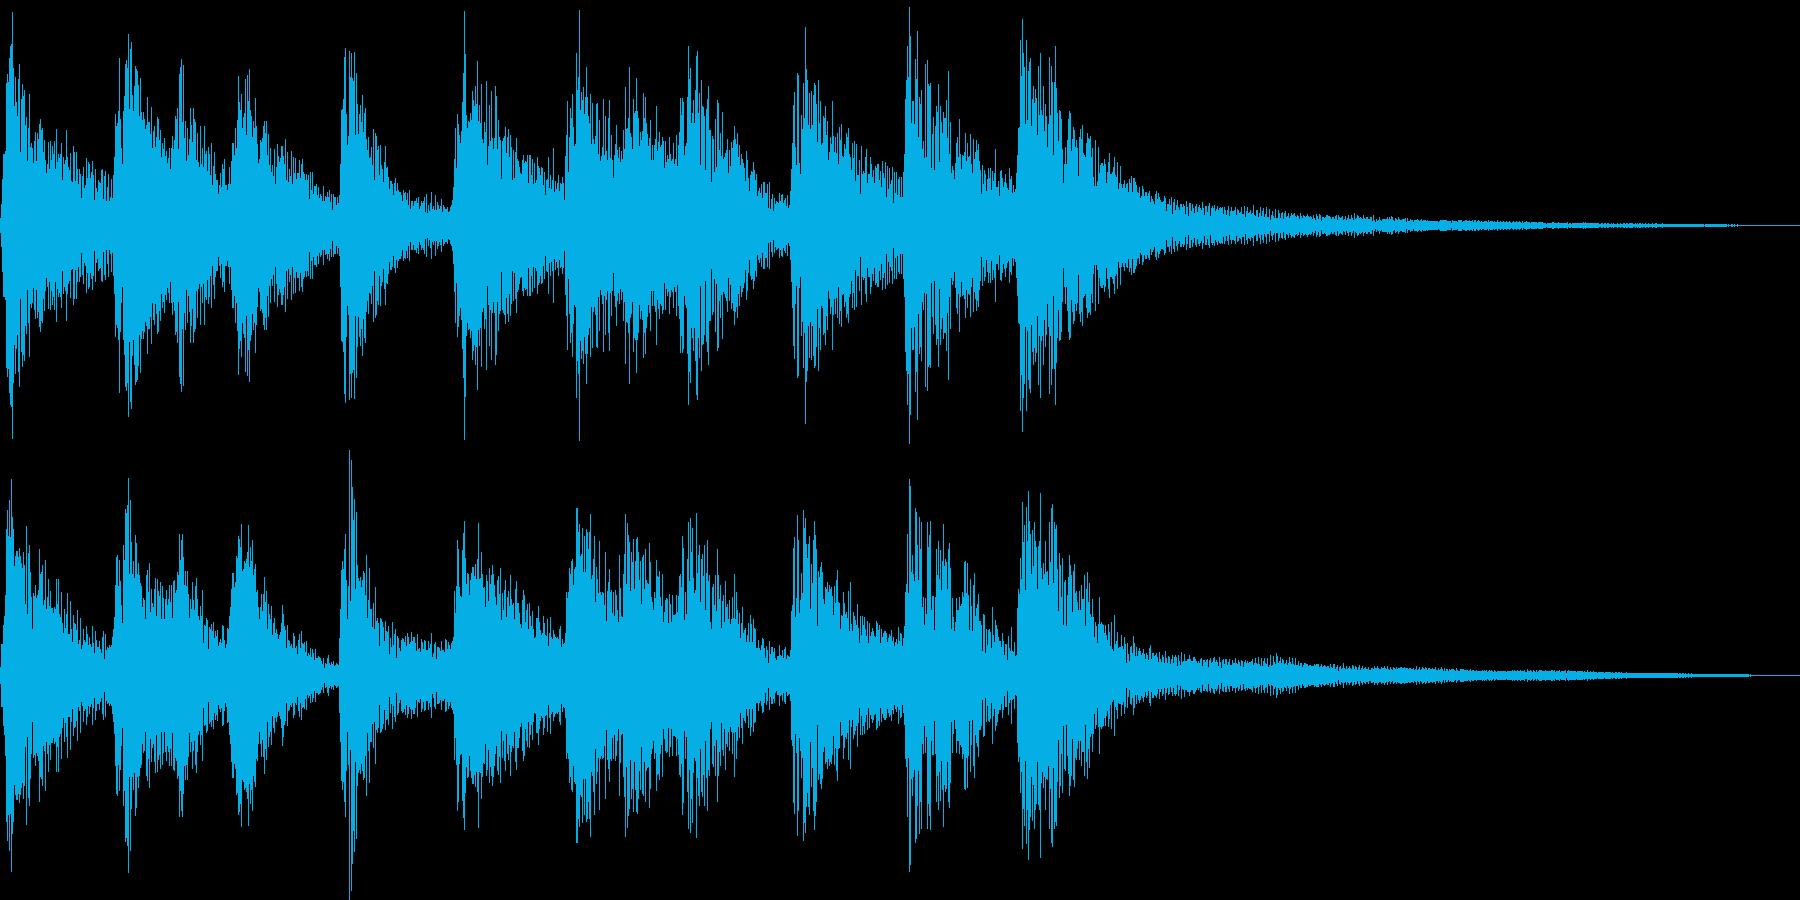 シンプルな三味線和風ジングル声有りの再生済みの波形